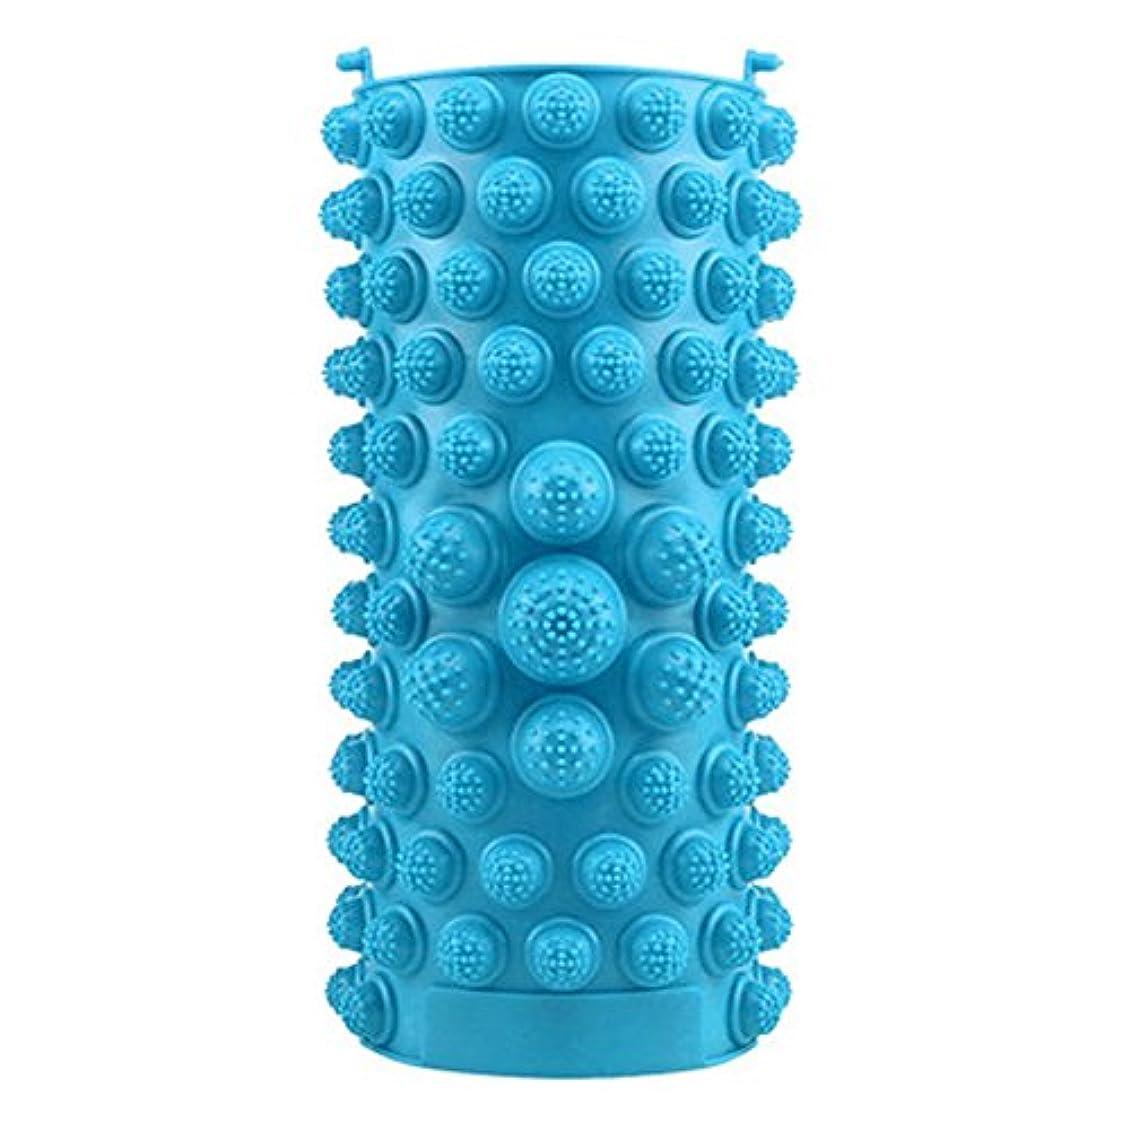 電球後ろに北米YZRCRKFad's Dayギフトマッサージクッション子供ホームマッサージクッションフットマッサージクッション鍼灸ポイントフットパッドマッサージクッション (色 : 青)